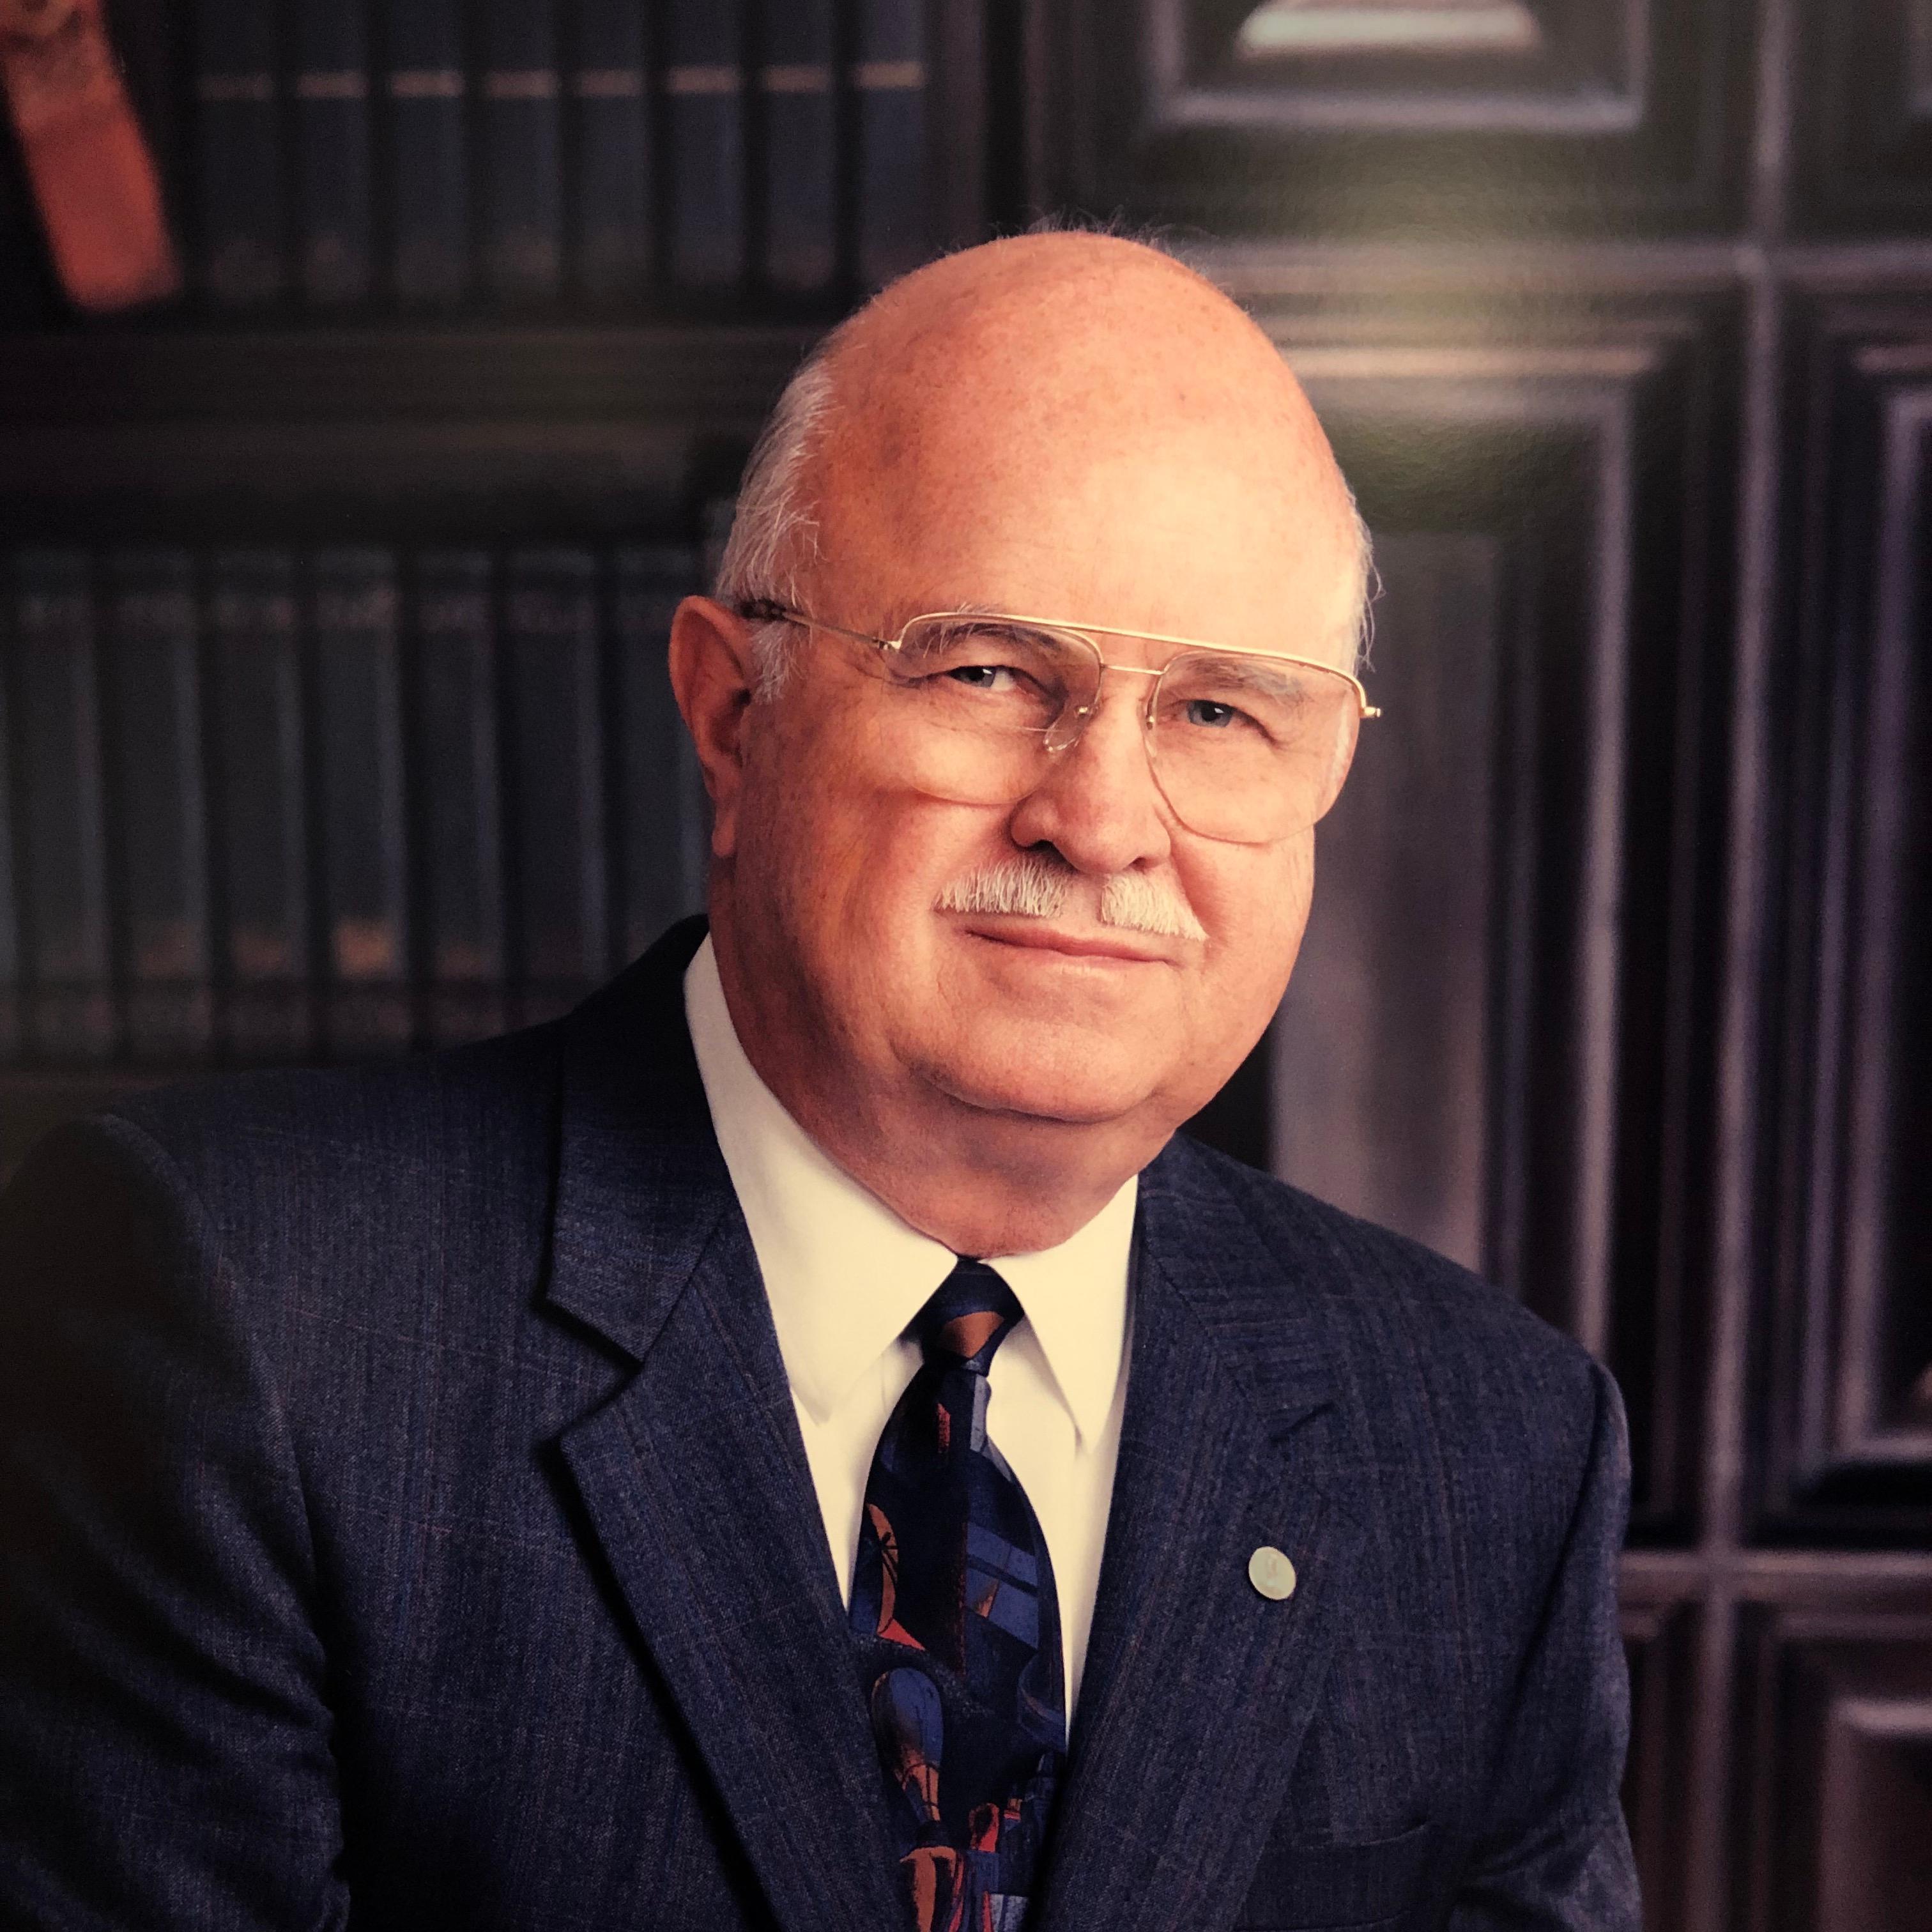 Jack E. Bobo